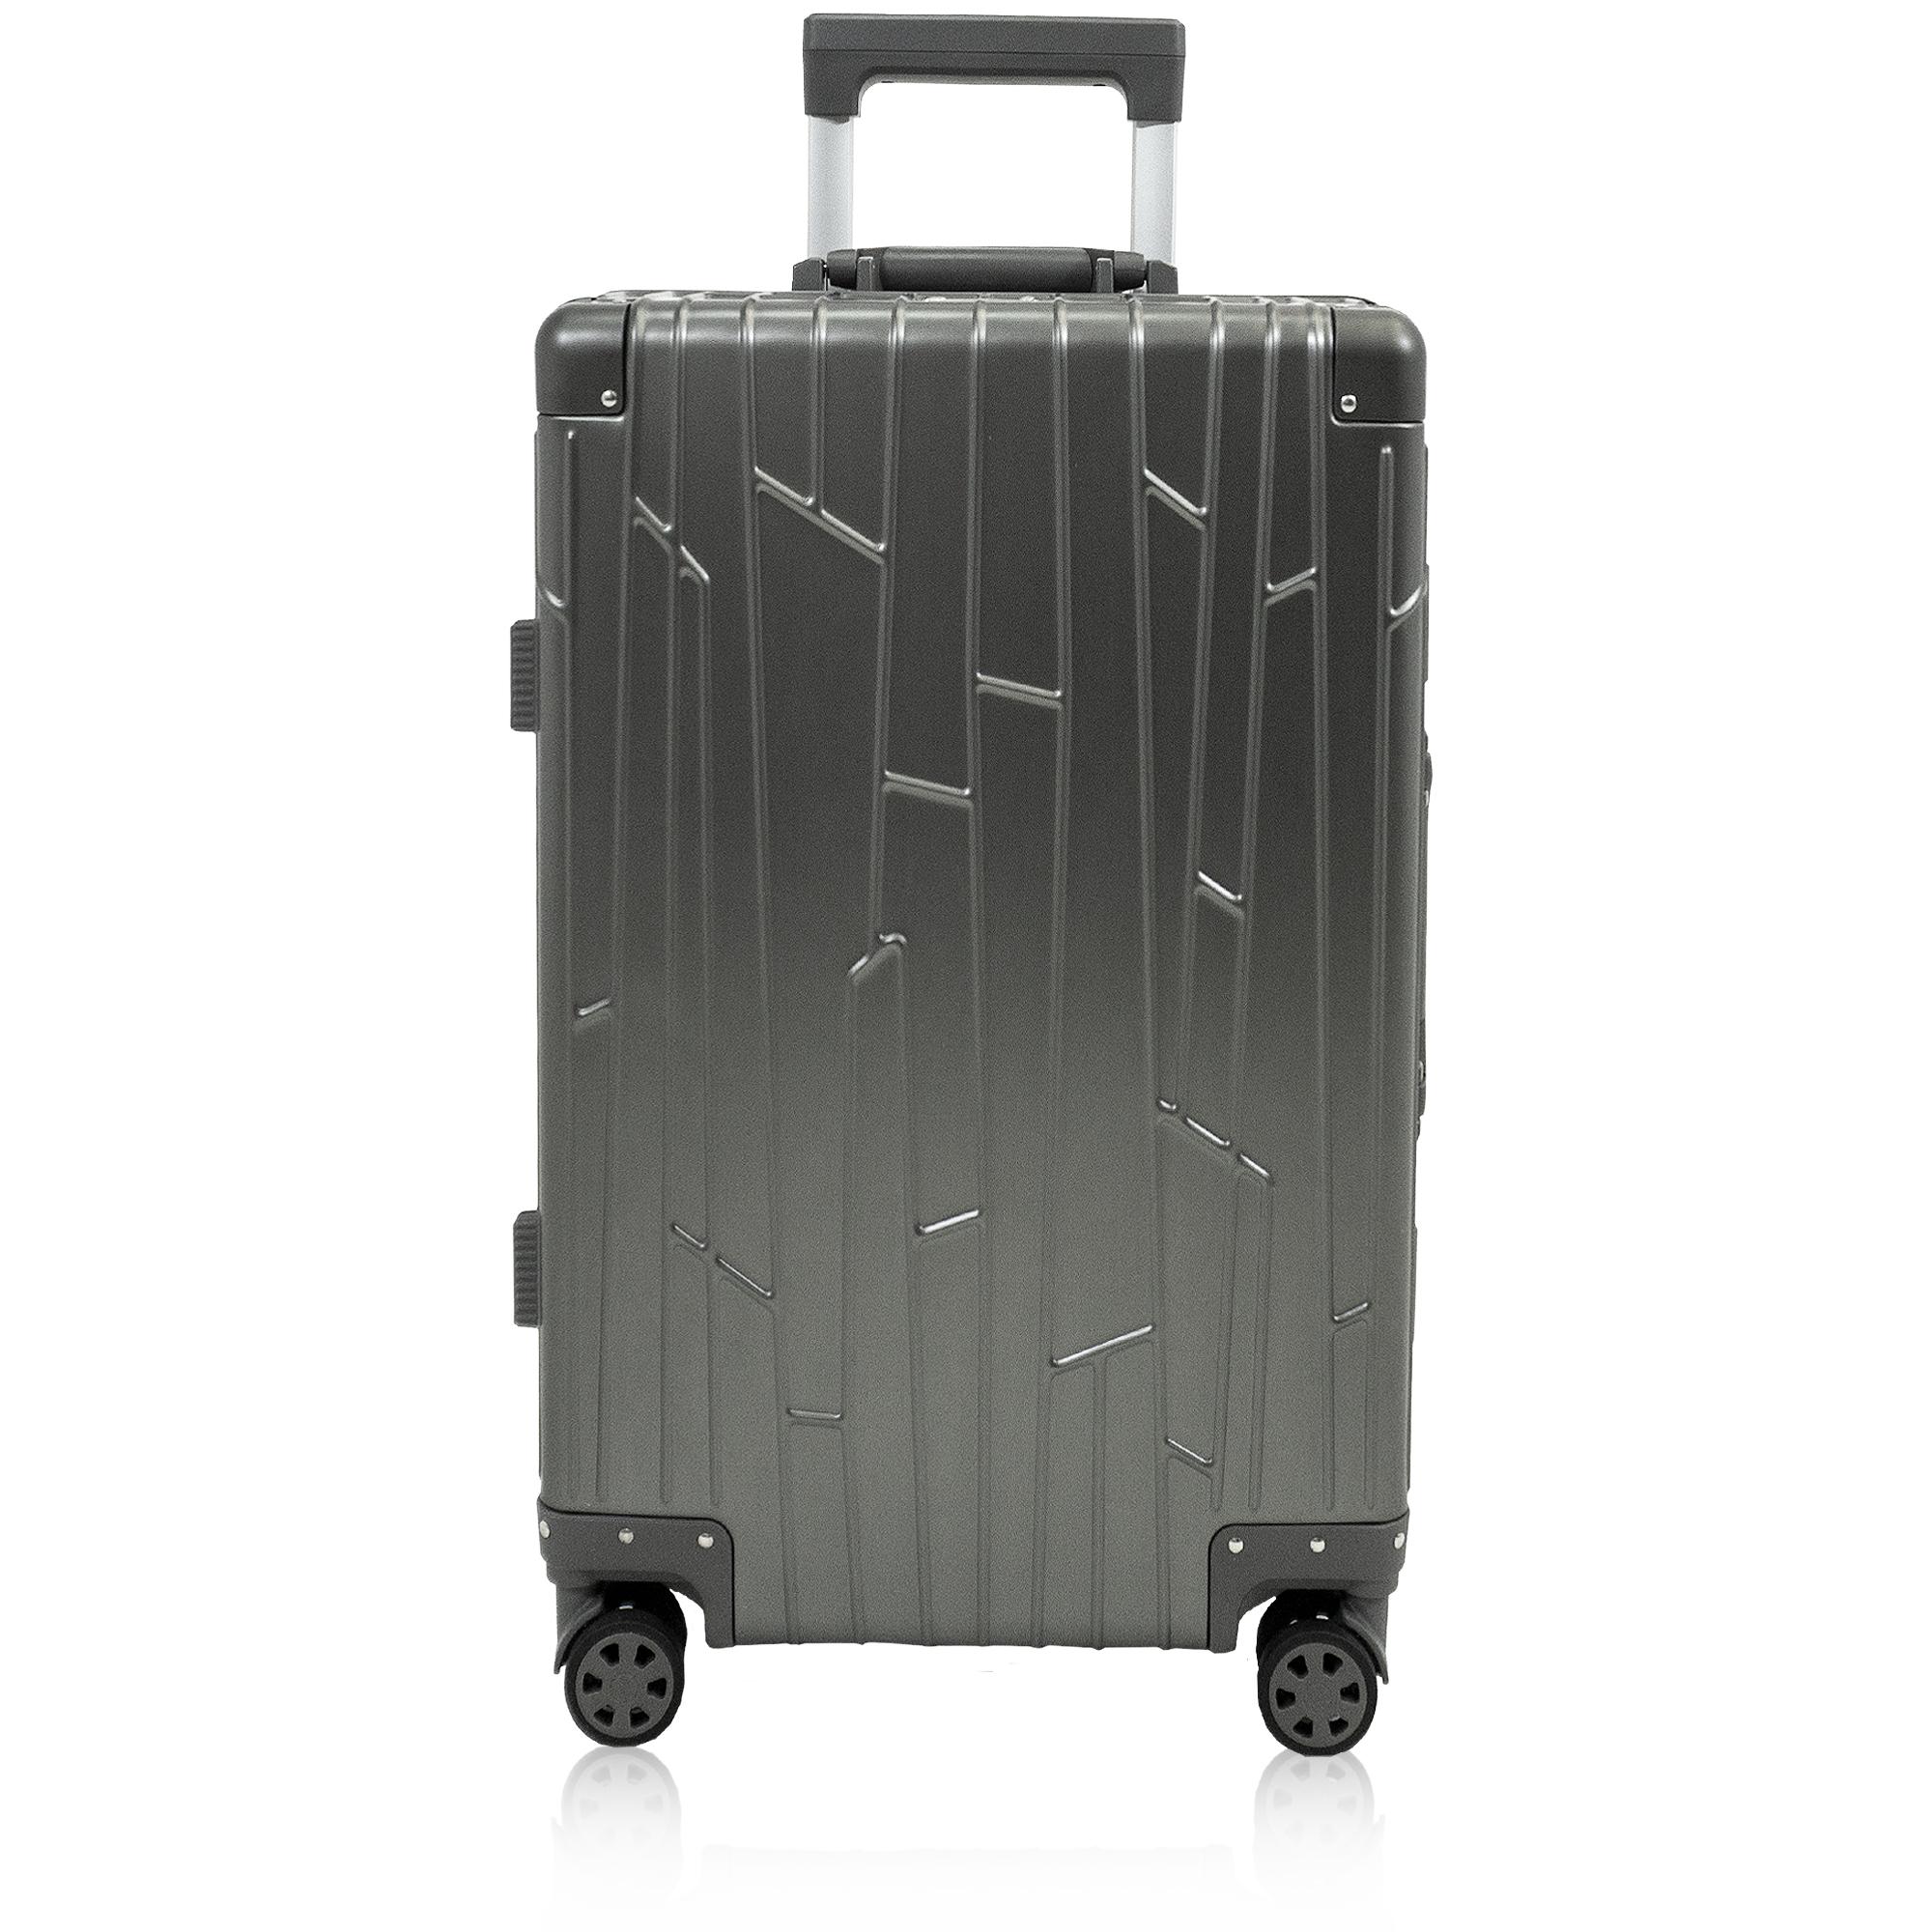 silver aluminium suitcase gundel carry on cabin sized luggage tsa-locks